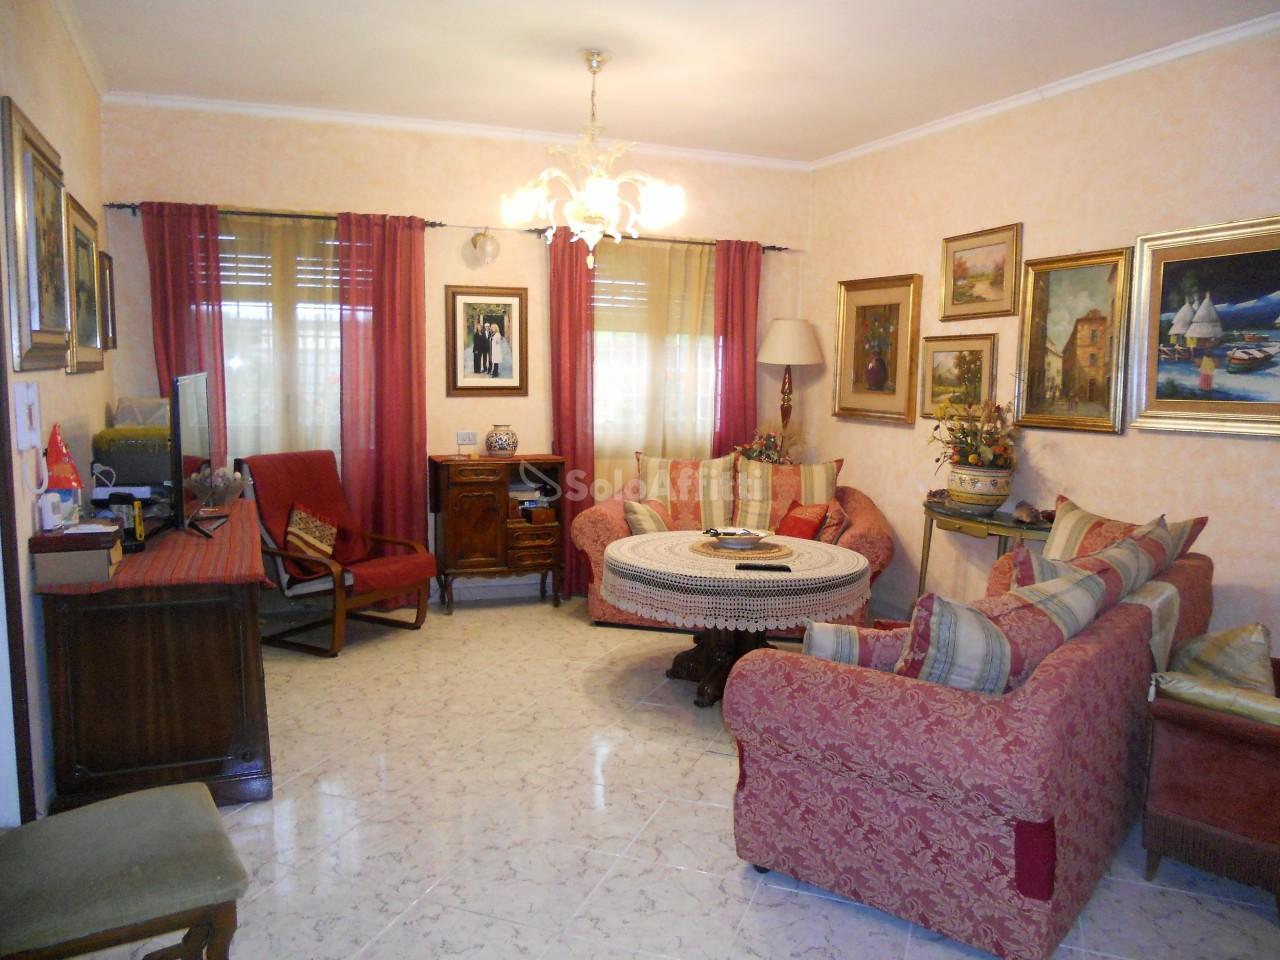 Bilocale in buone condizioni in affitto Rif. 6401589